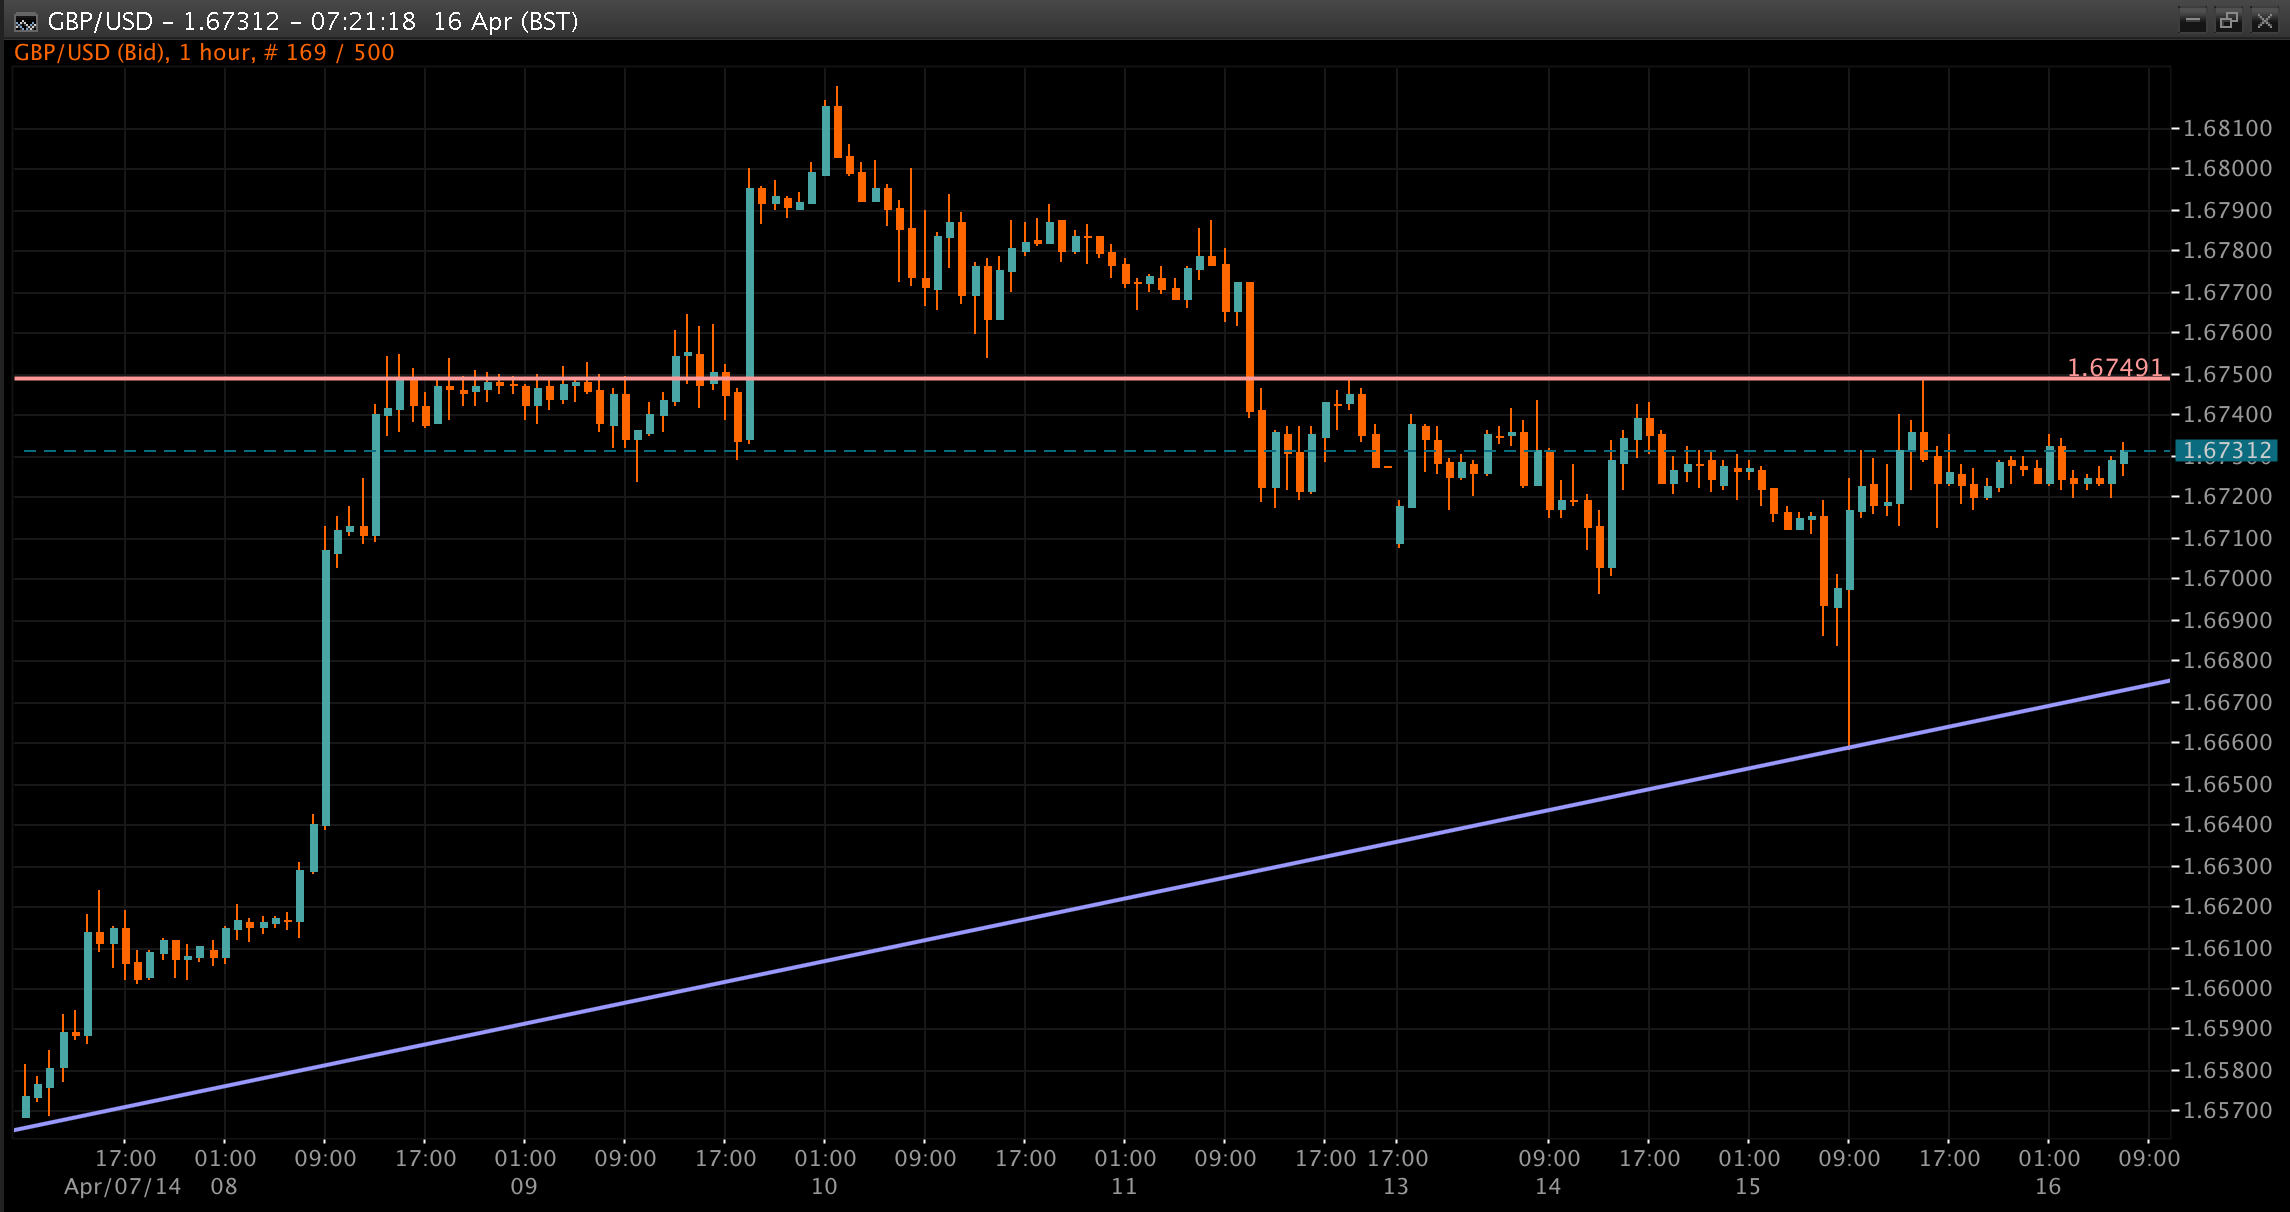 GBP/USD Chart 16 Apr 2014